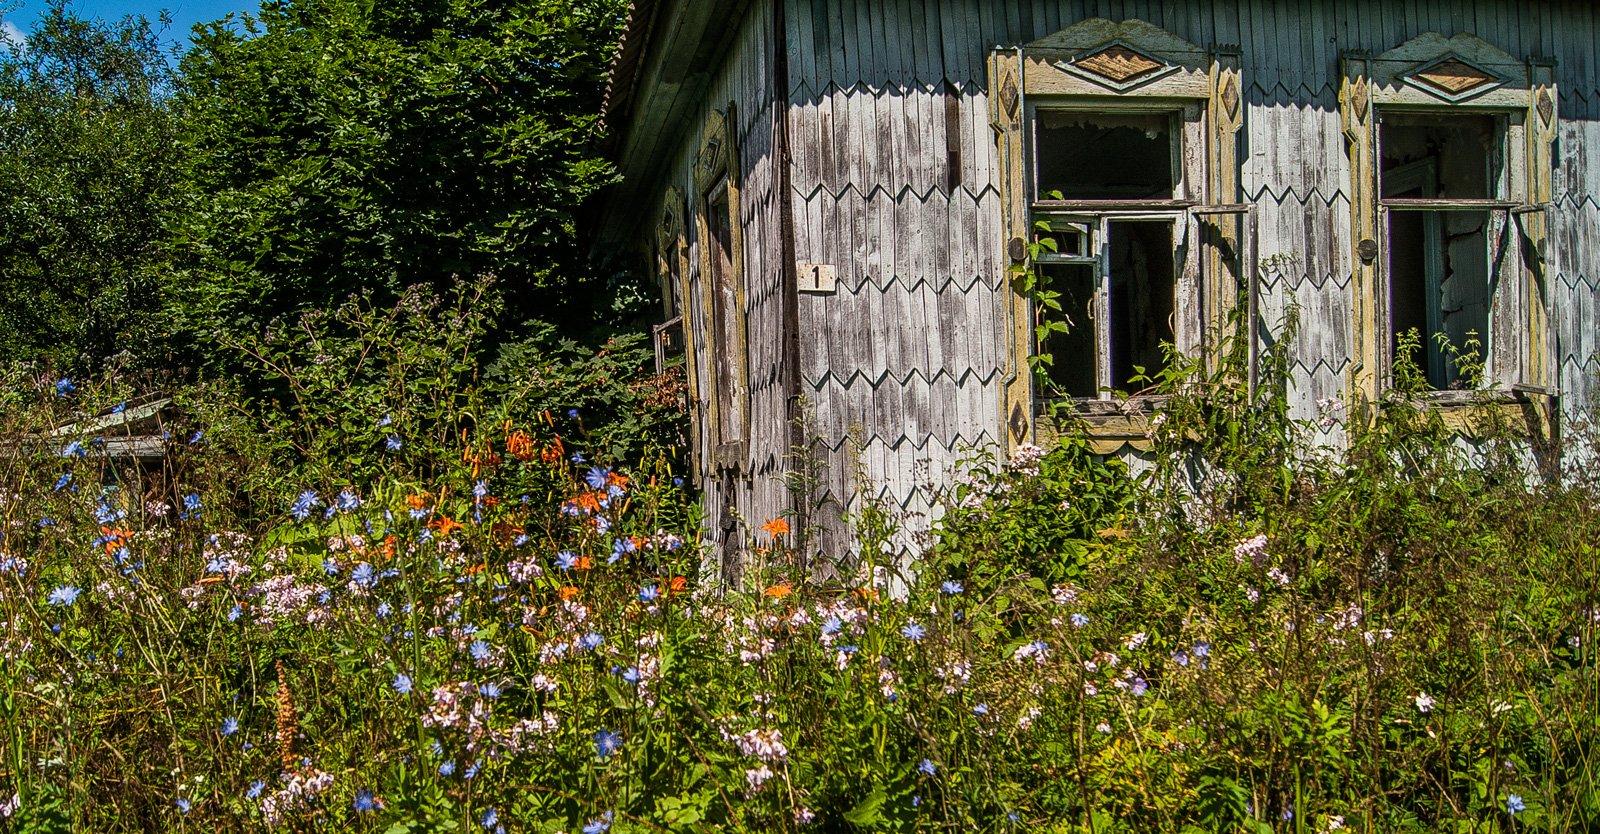 Около некоторых домов разрослись бывшие палисадники с цветами